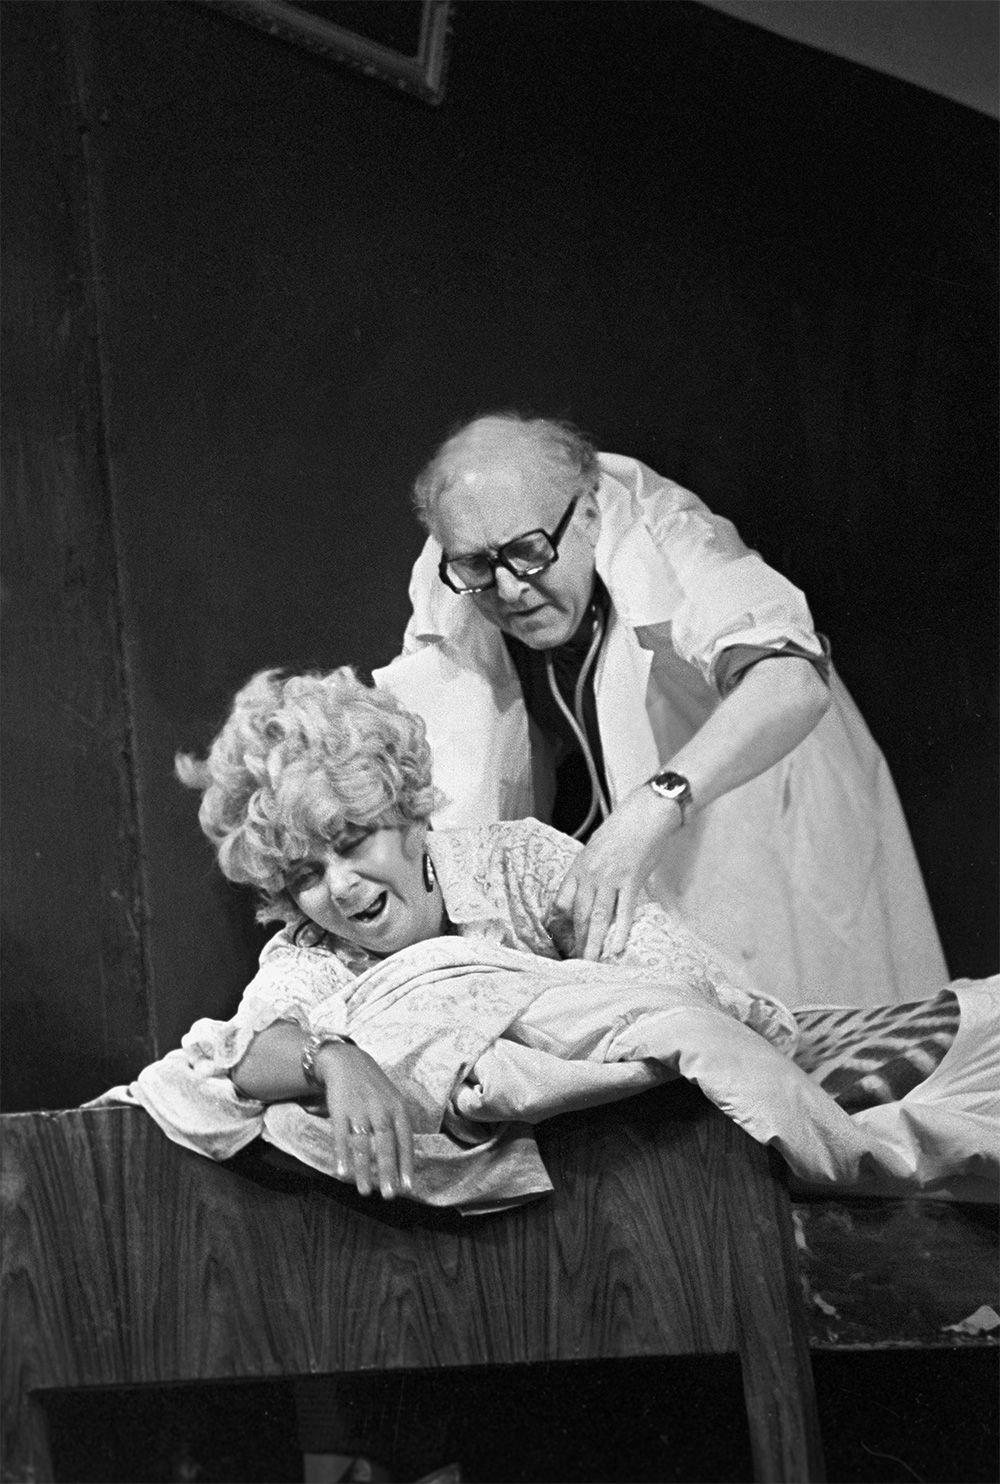 Нина Дорошина и Александр Вокач в одной из сцен спектакля «Провинциальные анекдоты» по пьесе А.Вампилова. 1981 г.